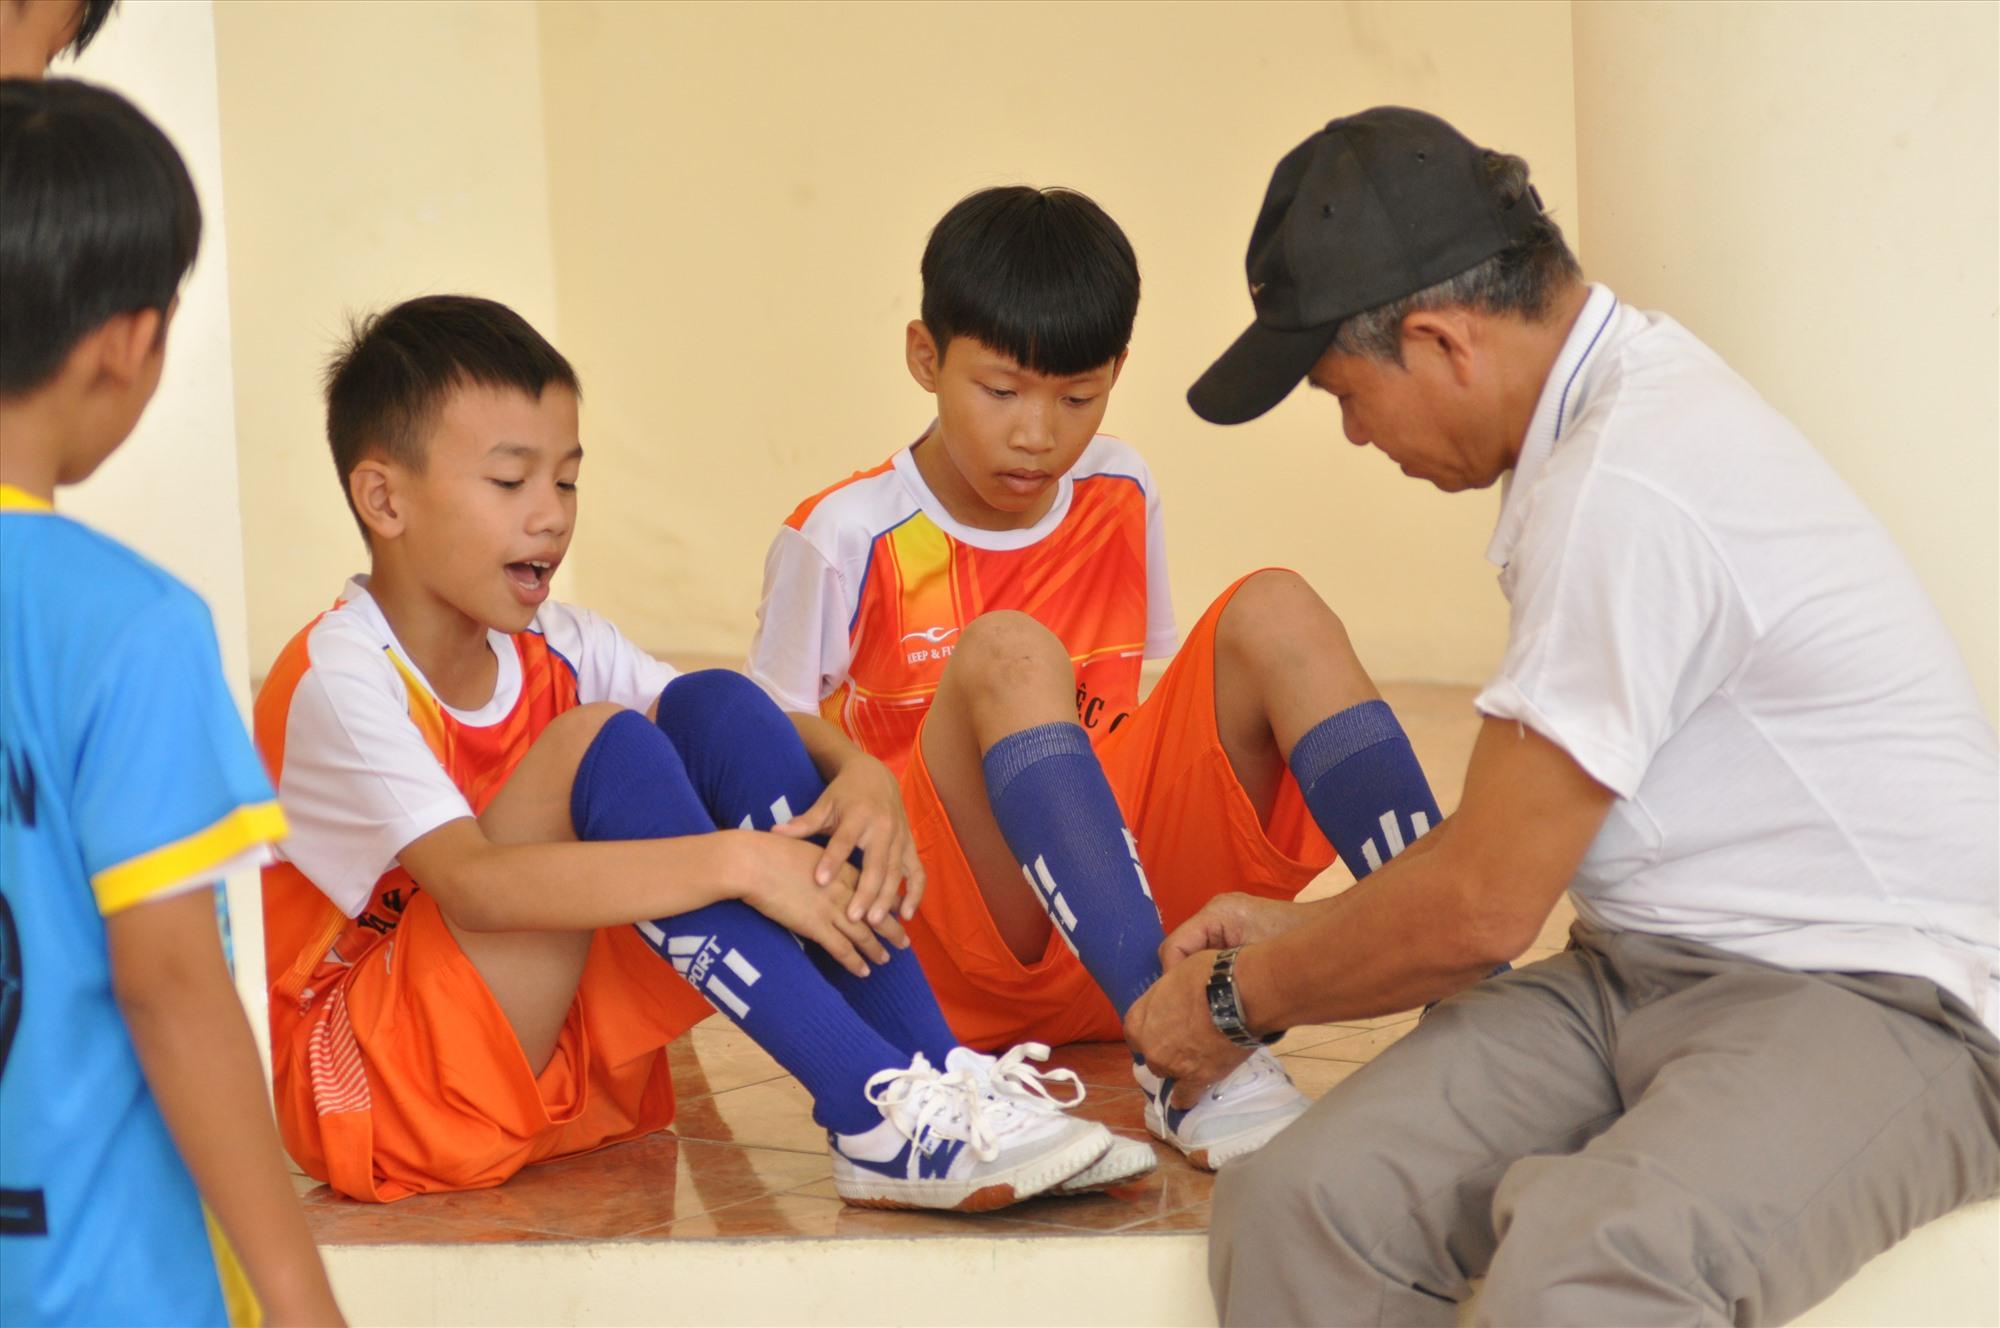 Nhiều cầu thủ nhí ít khi đá bóng bằng giày nên HLV đội bóng Duy Xuyên phải cột dây giày cho các em. Ảnh: X.P